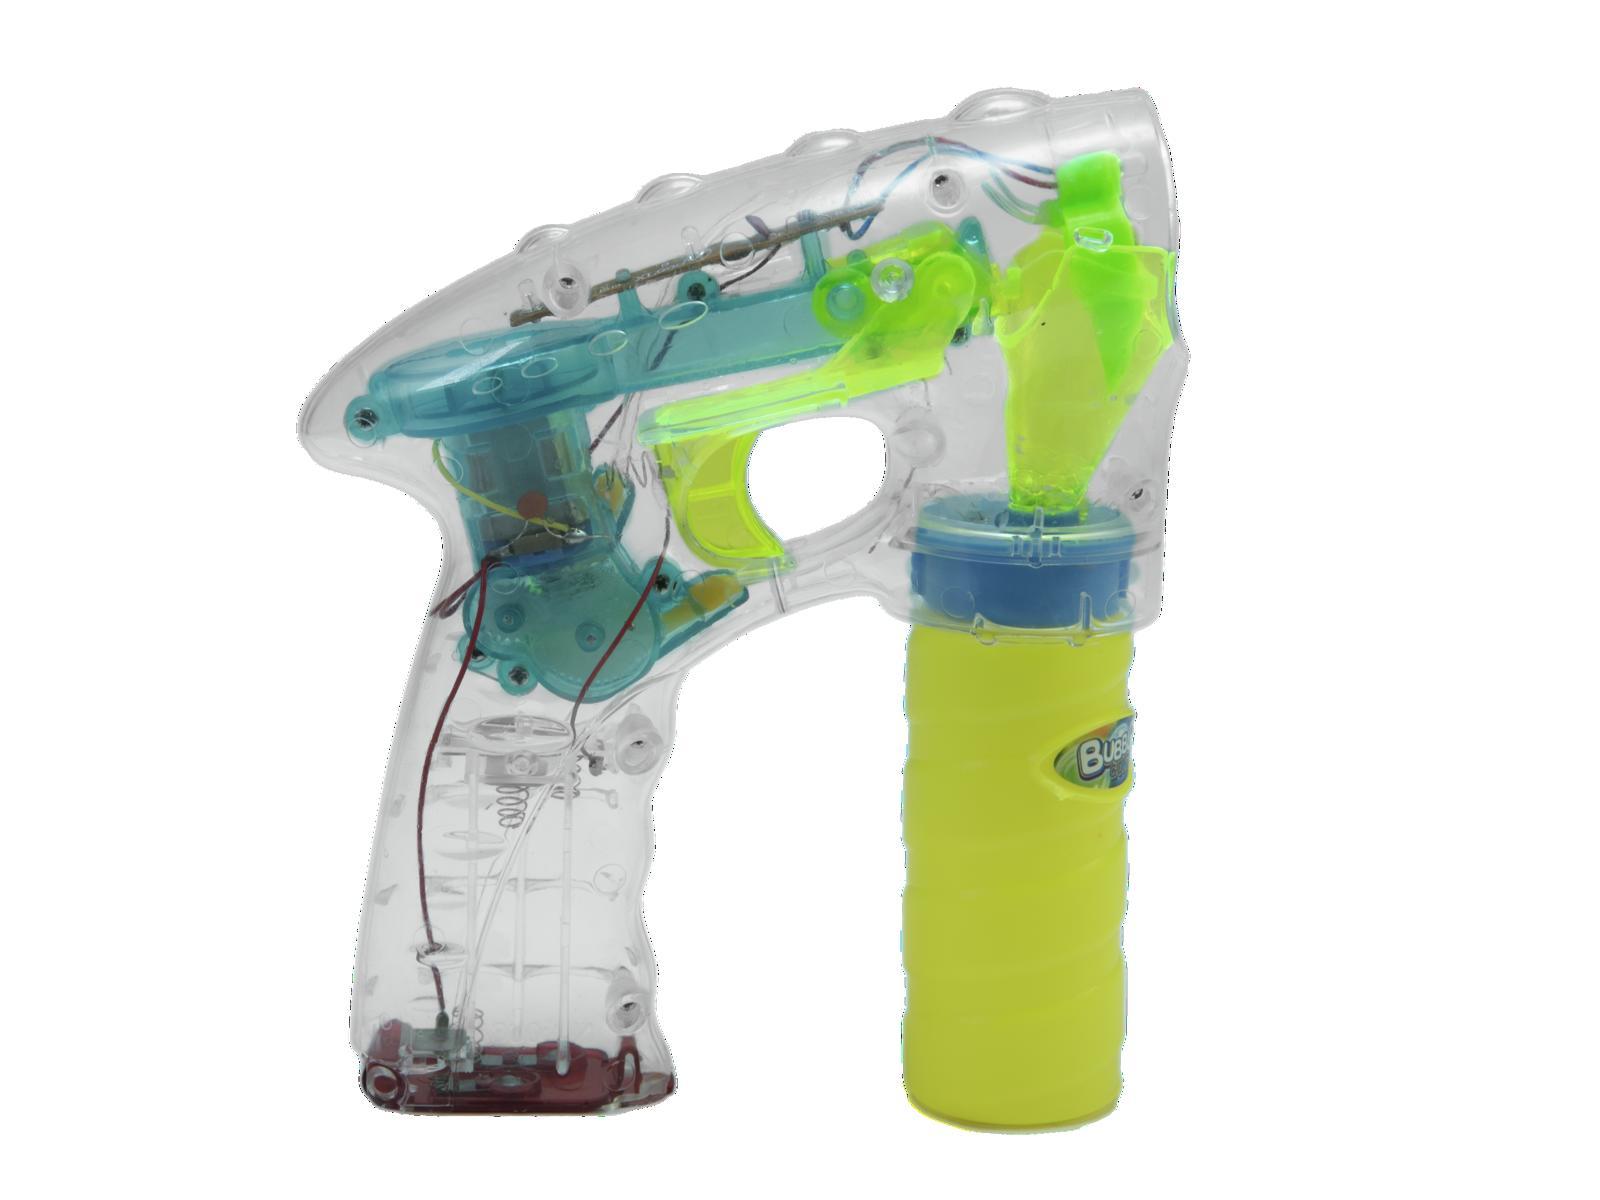 Eurolite B-5 LED bublifuk, pistole